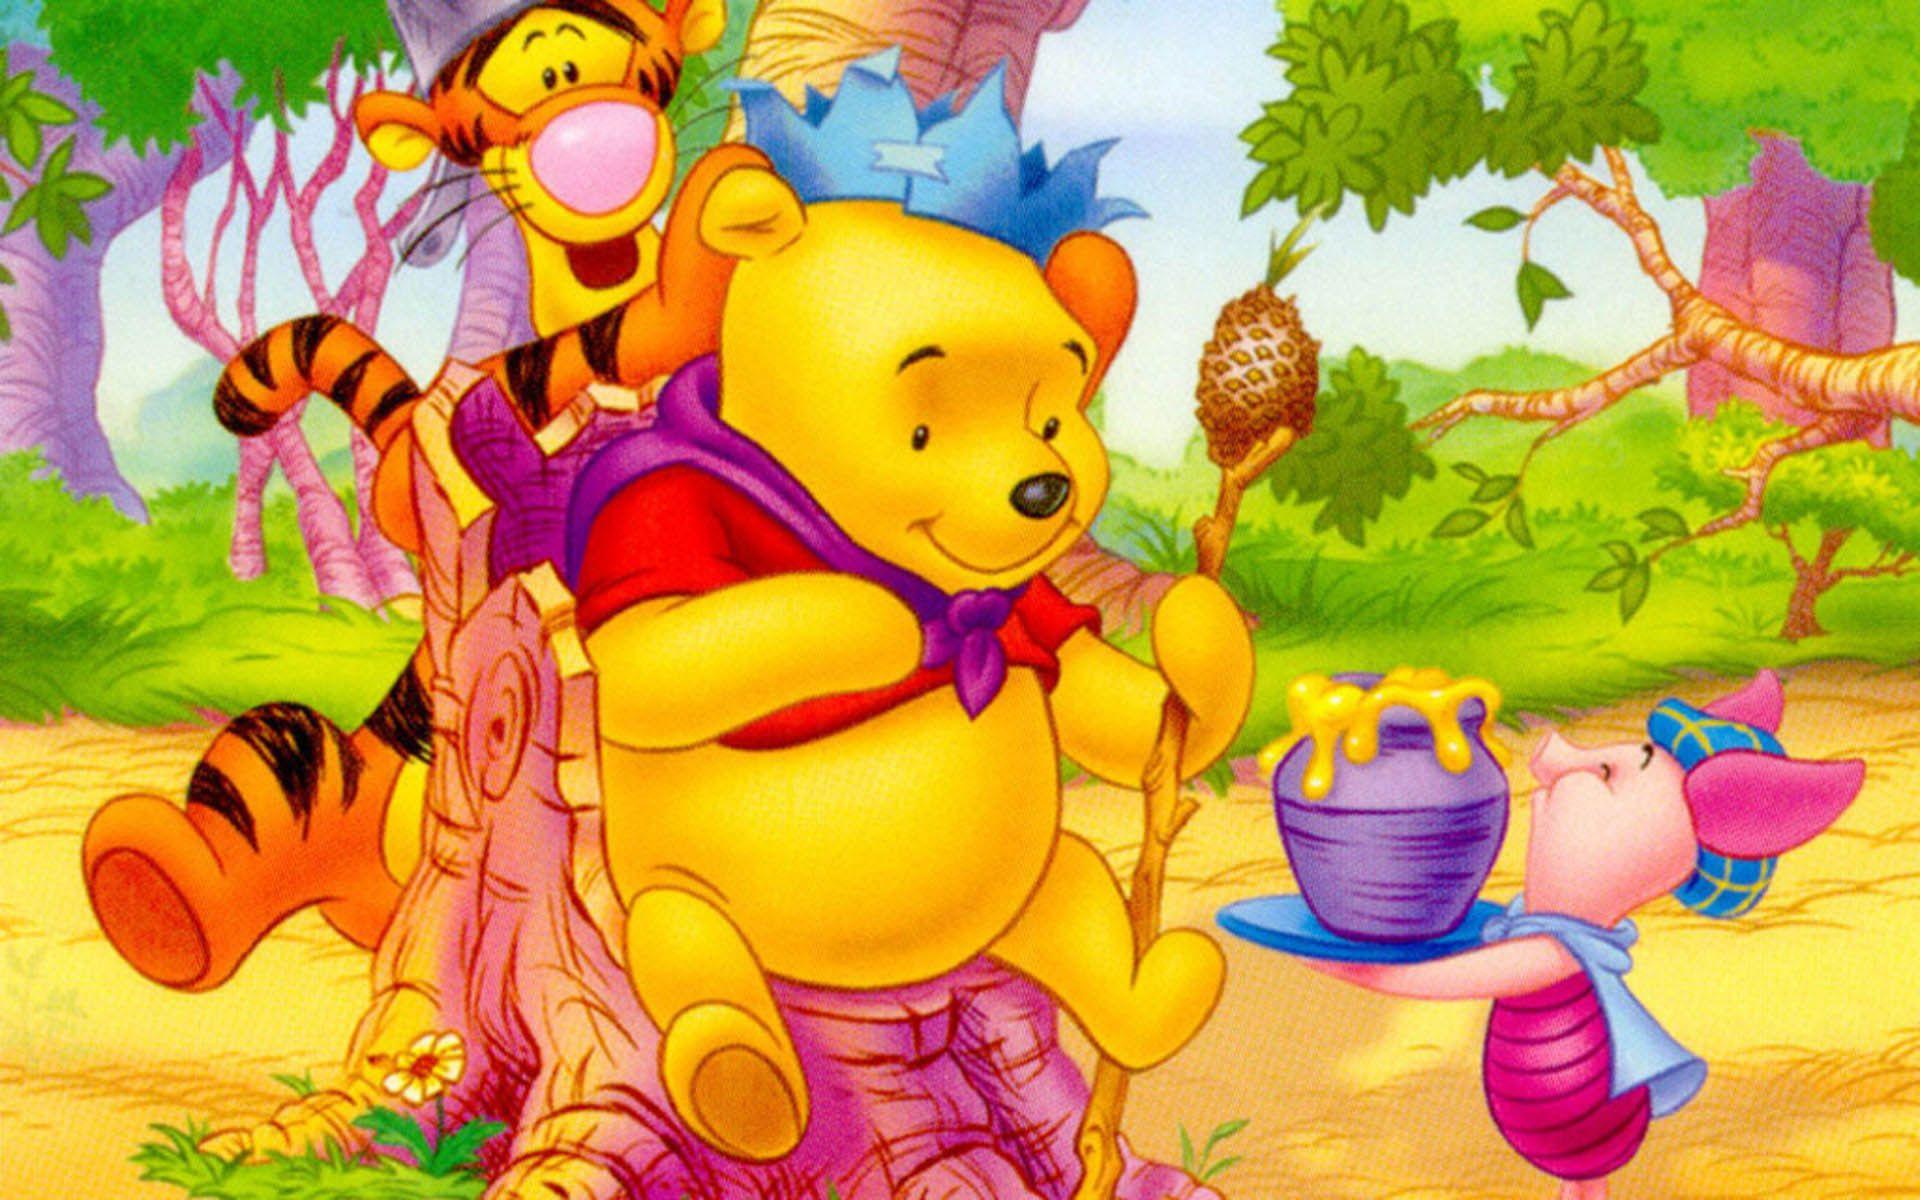 Pooh Hd Wallpaper Download